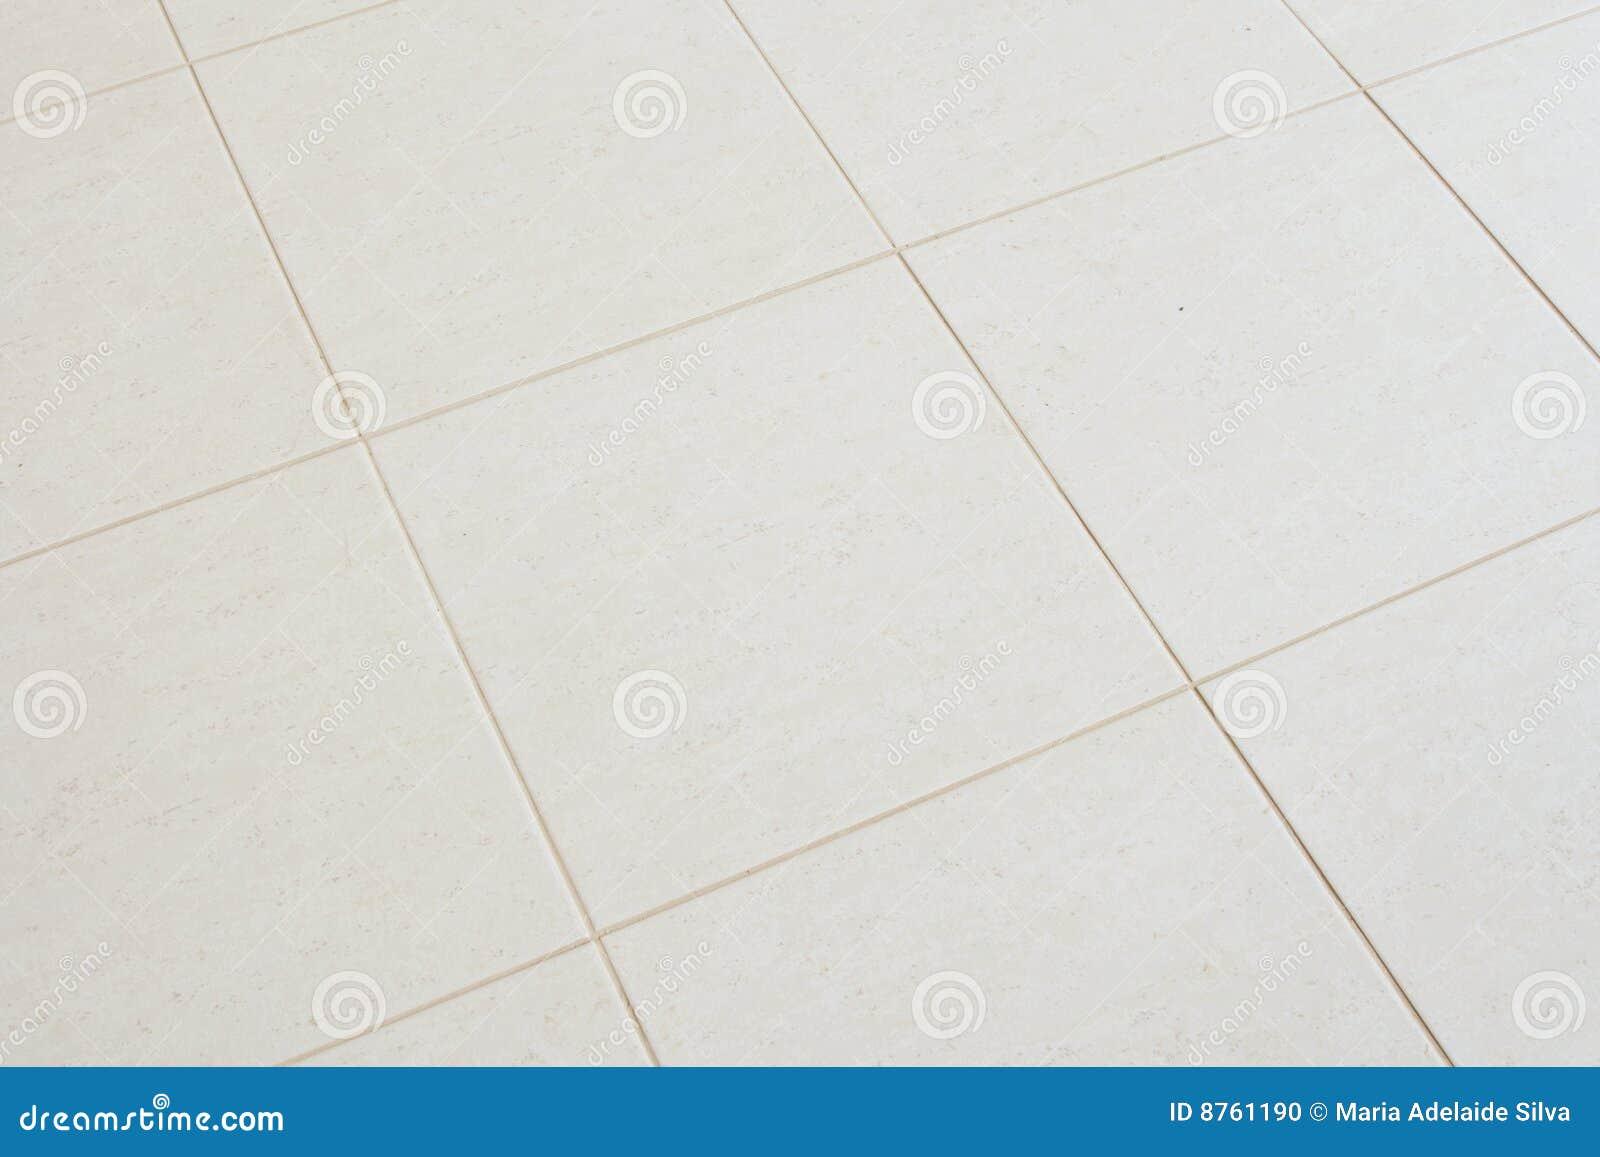 Fußboden Aus Alten Ziegeln ~ Keramischer mit ziegeln gedeckter fußboden stockfoto bild von